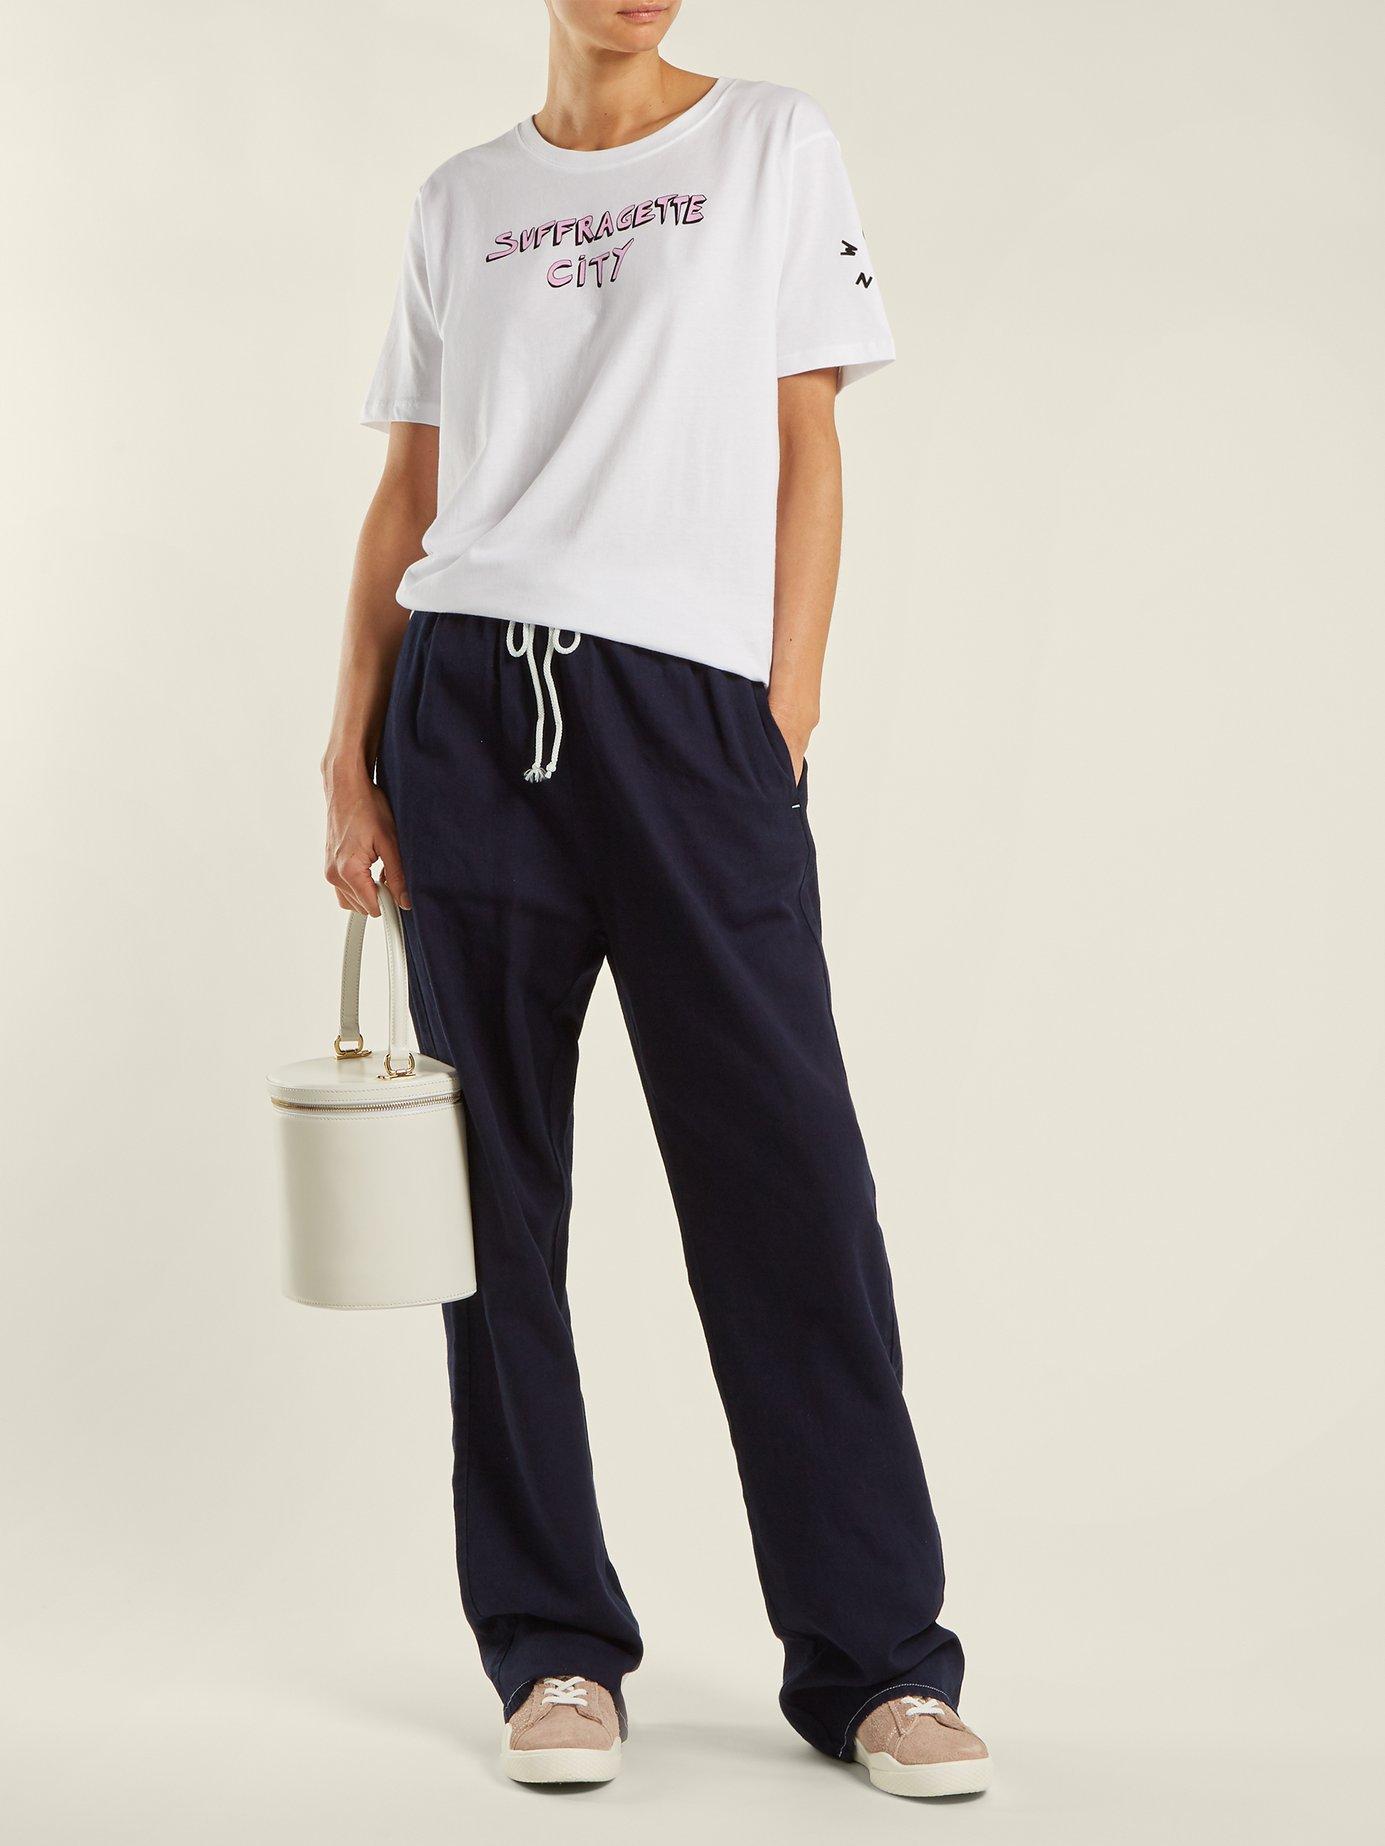 x Gillian Wearing Suffragette City T-shirt by Bella Freud